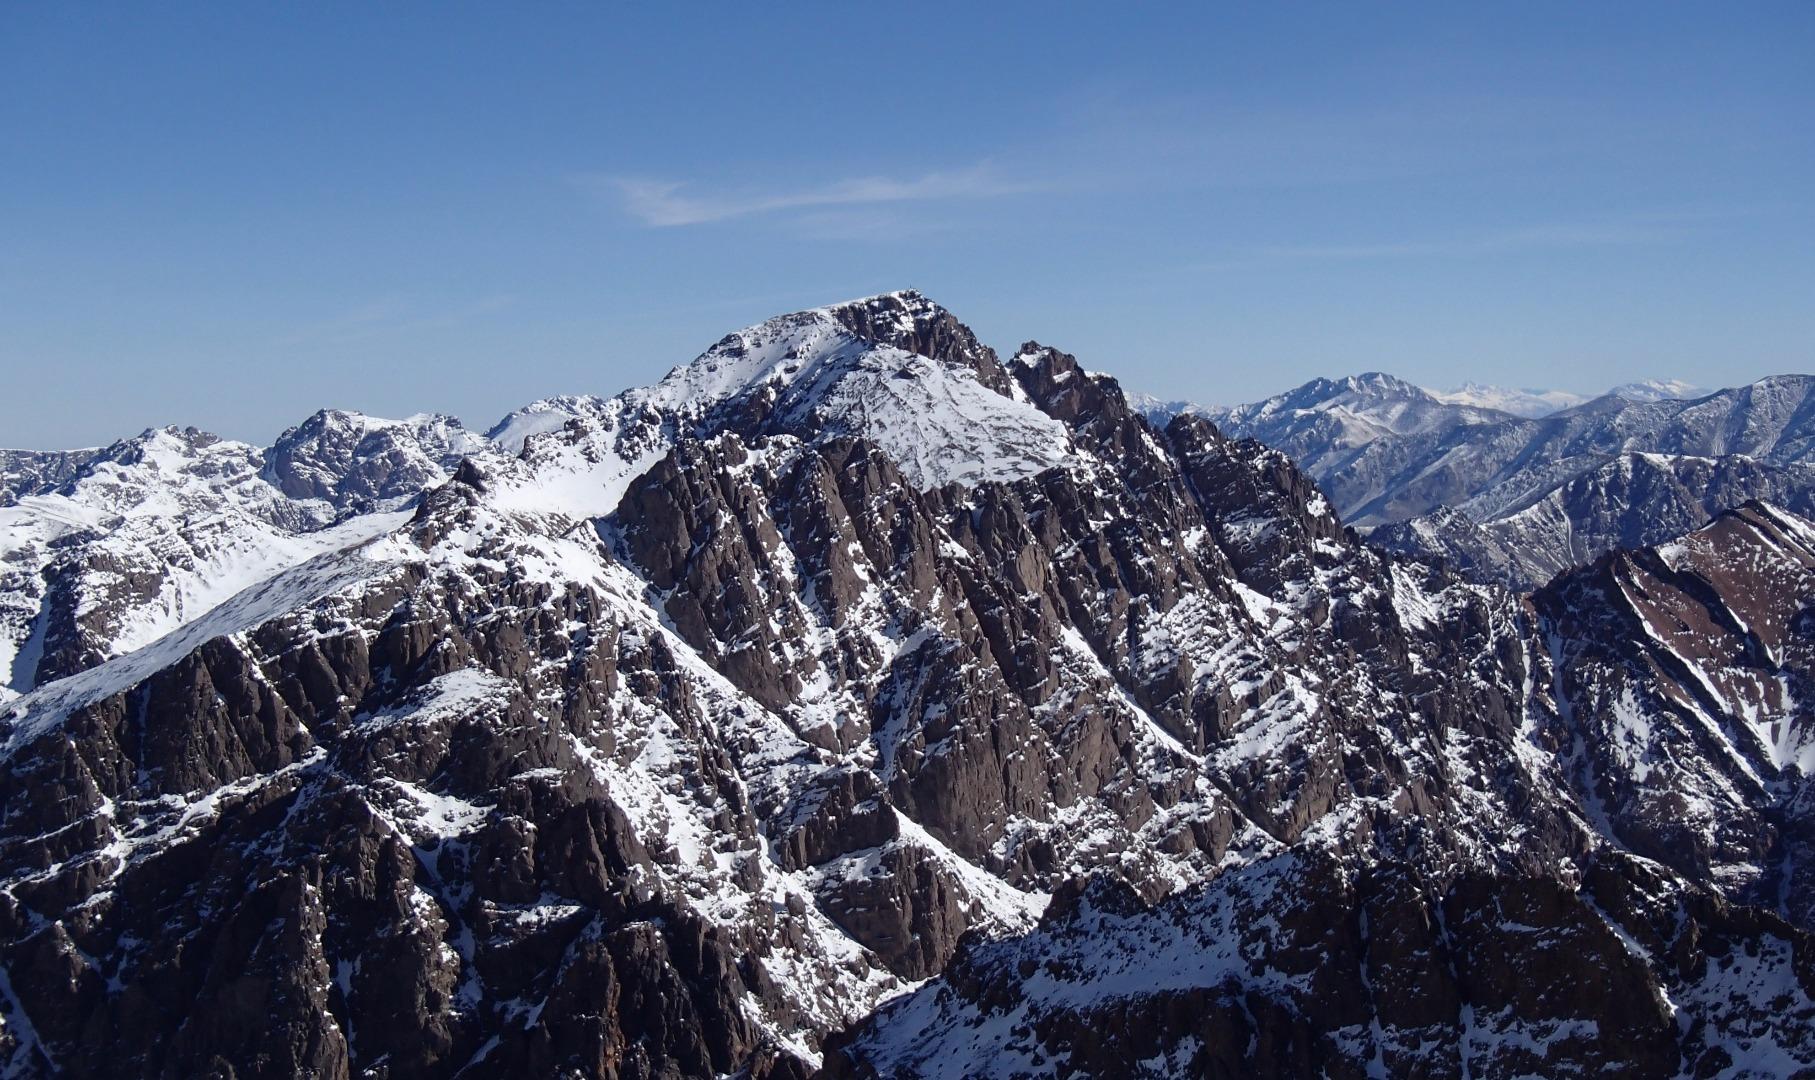 Ascenso al  Jbel Toubkal